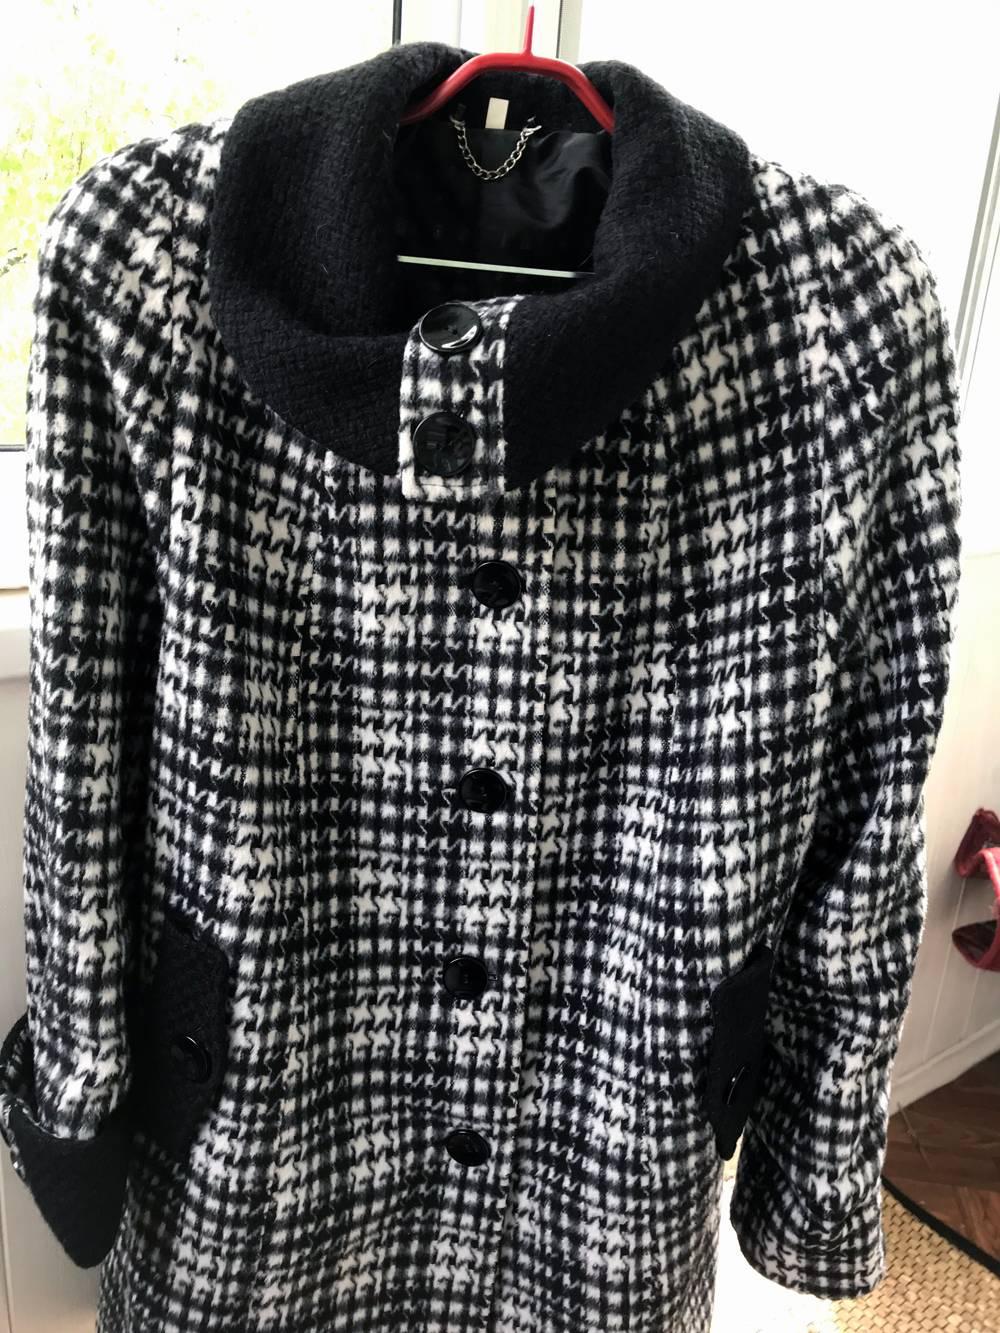 Пальто с ярмарки, которое больше похоже на флисовый джемпер